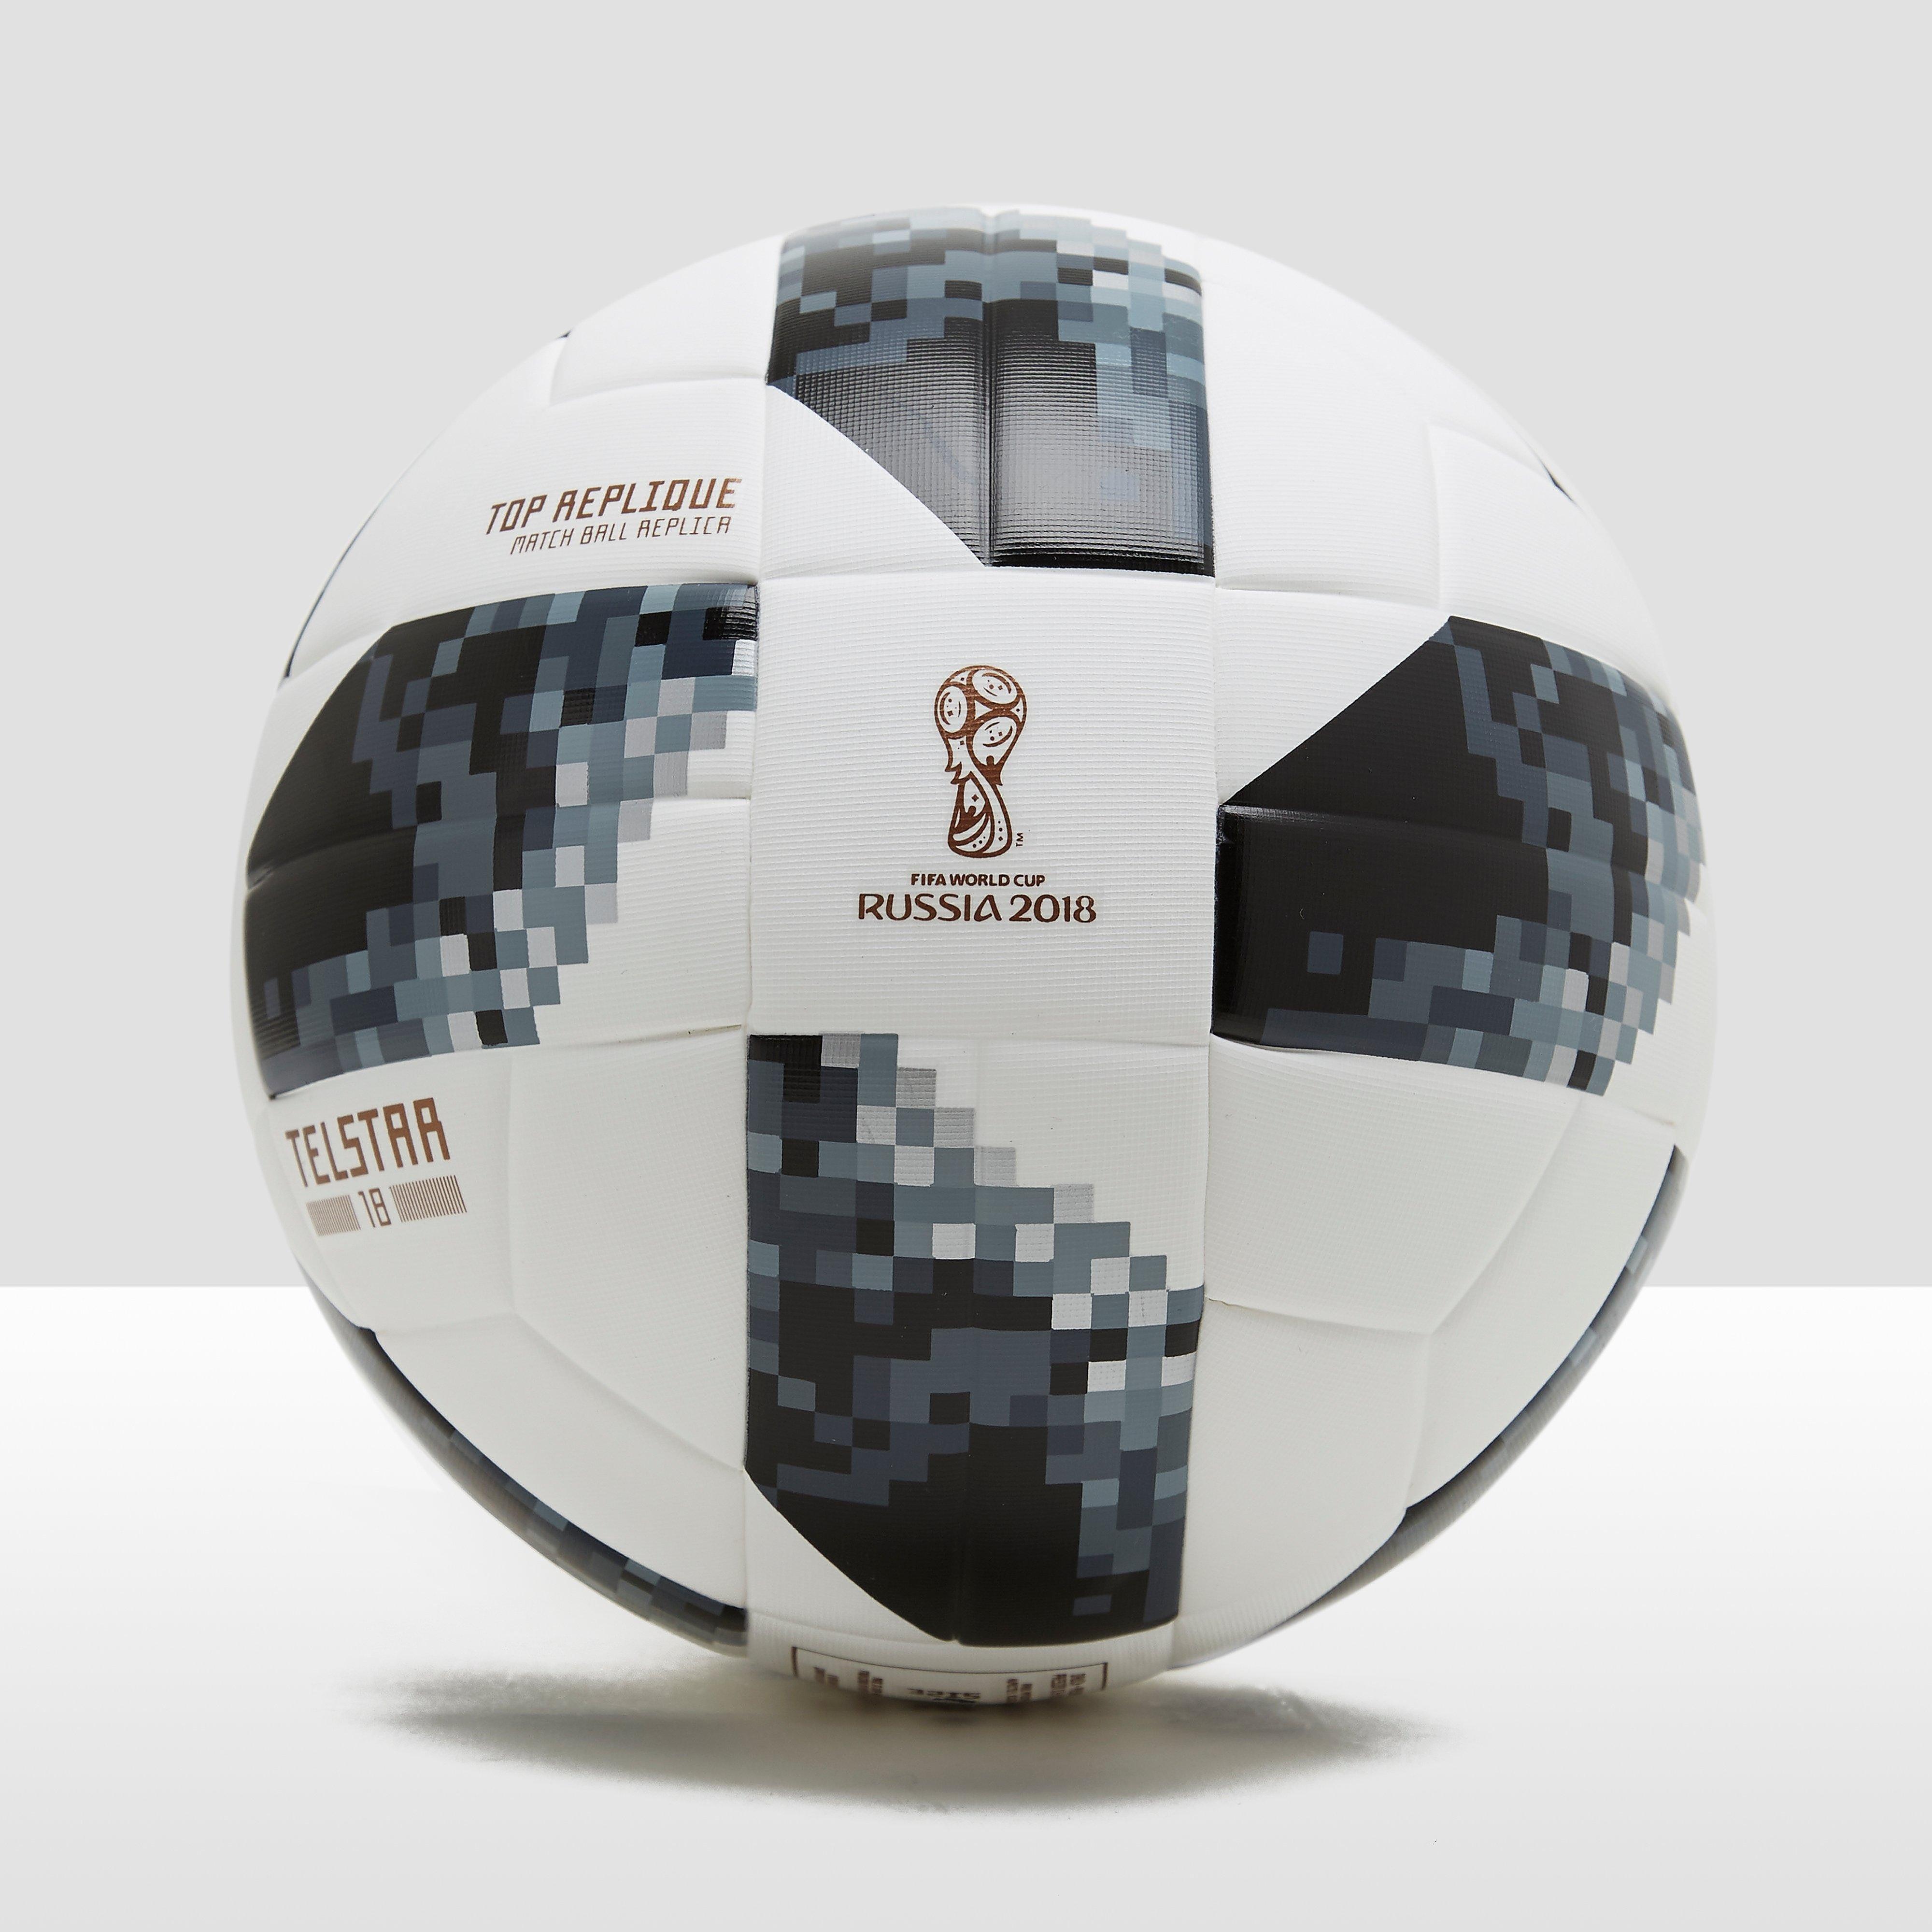 ADIDAS FIFA WERELDKAMPIOENSCHAP 2018 TOP REPLIQUE VOETBAL WIT/ZWART